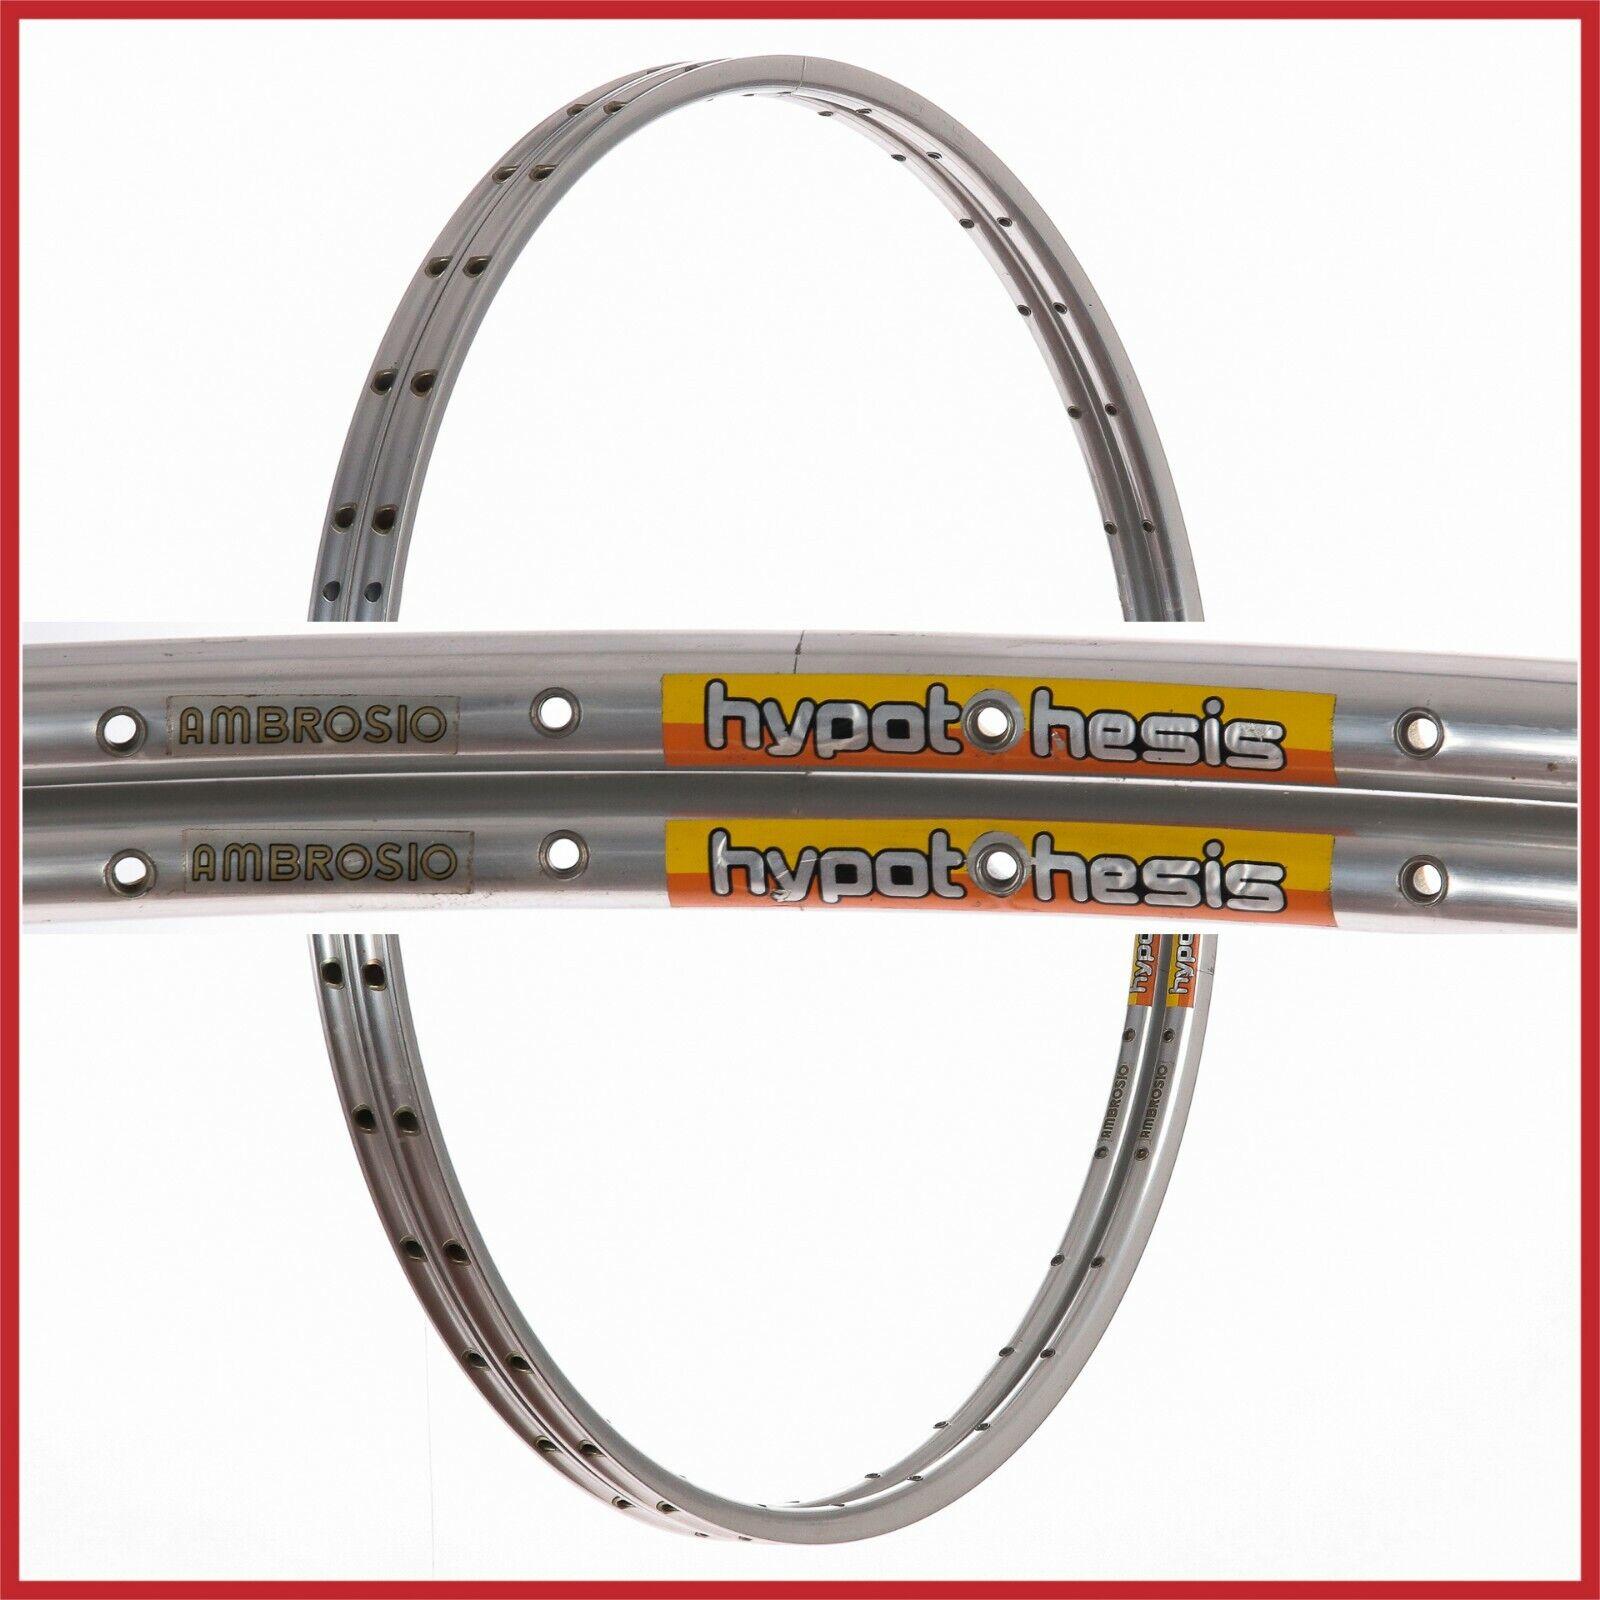 NOS AMBROSIO HYPOTHESIS RIMS 28  700c 32H VINTAGE TUBULARS AERO ROAD Fahrrad 80s